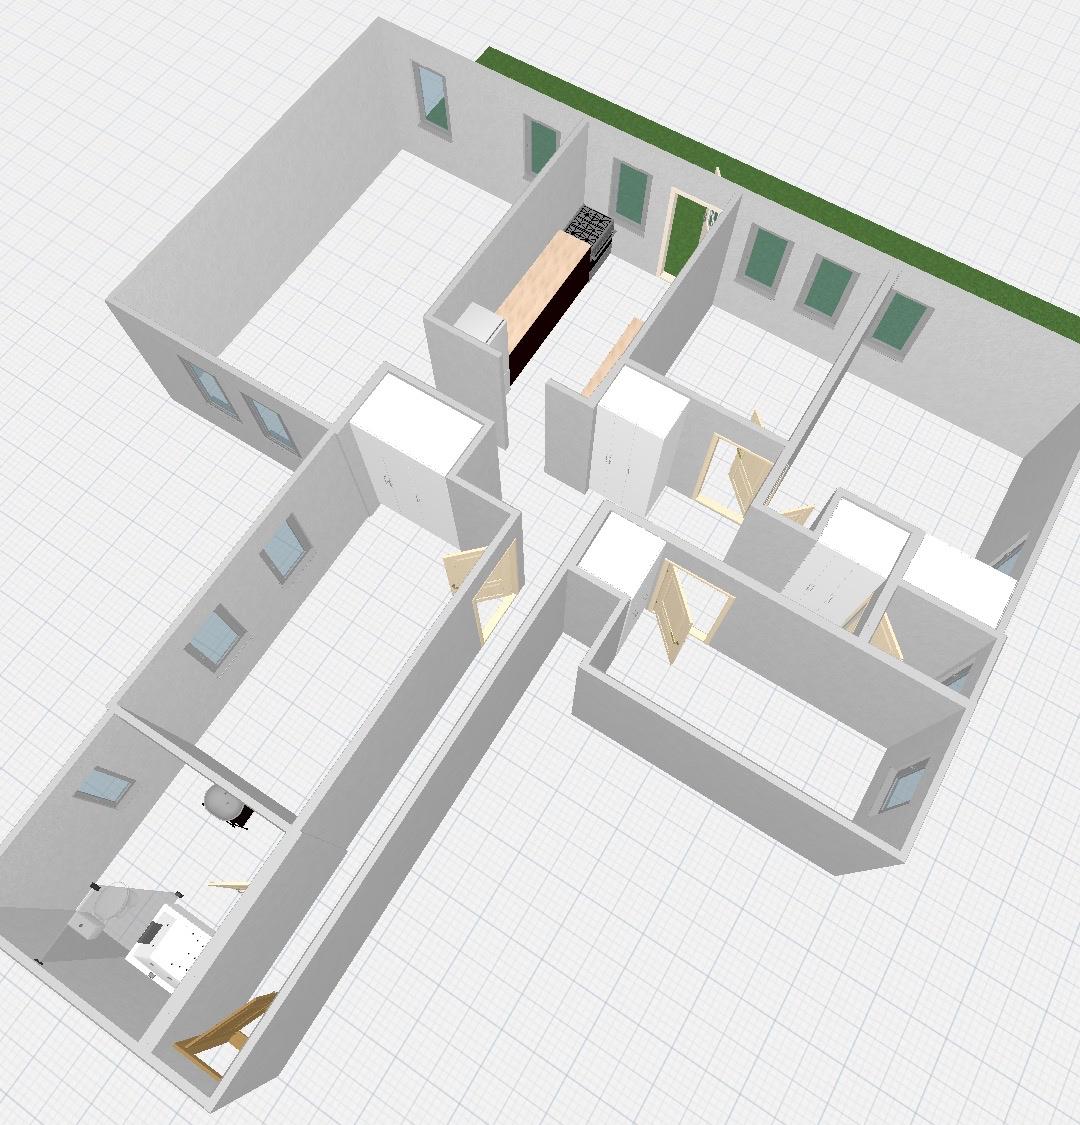 160320 3D Floorplan FINAL.jpg